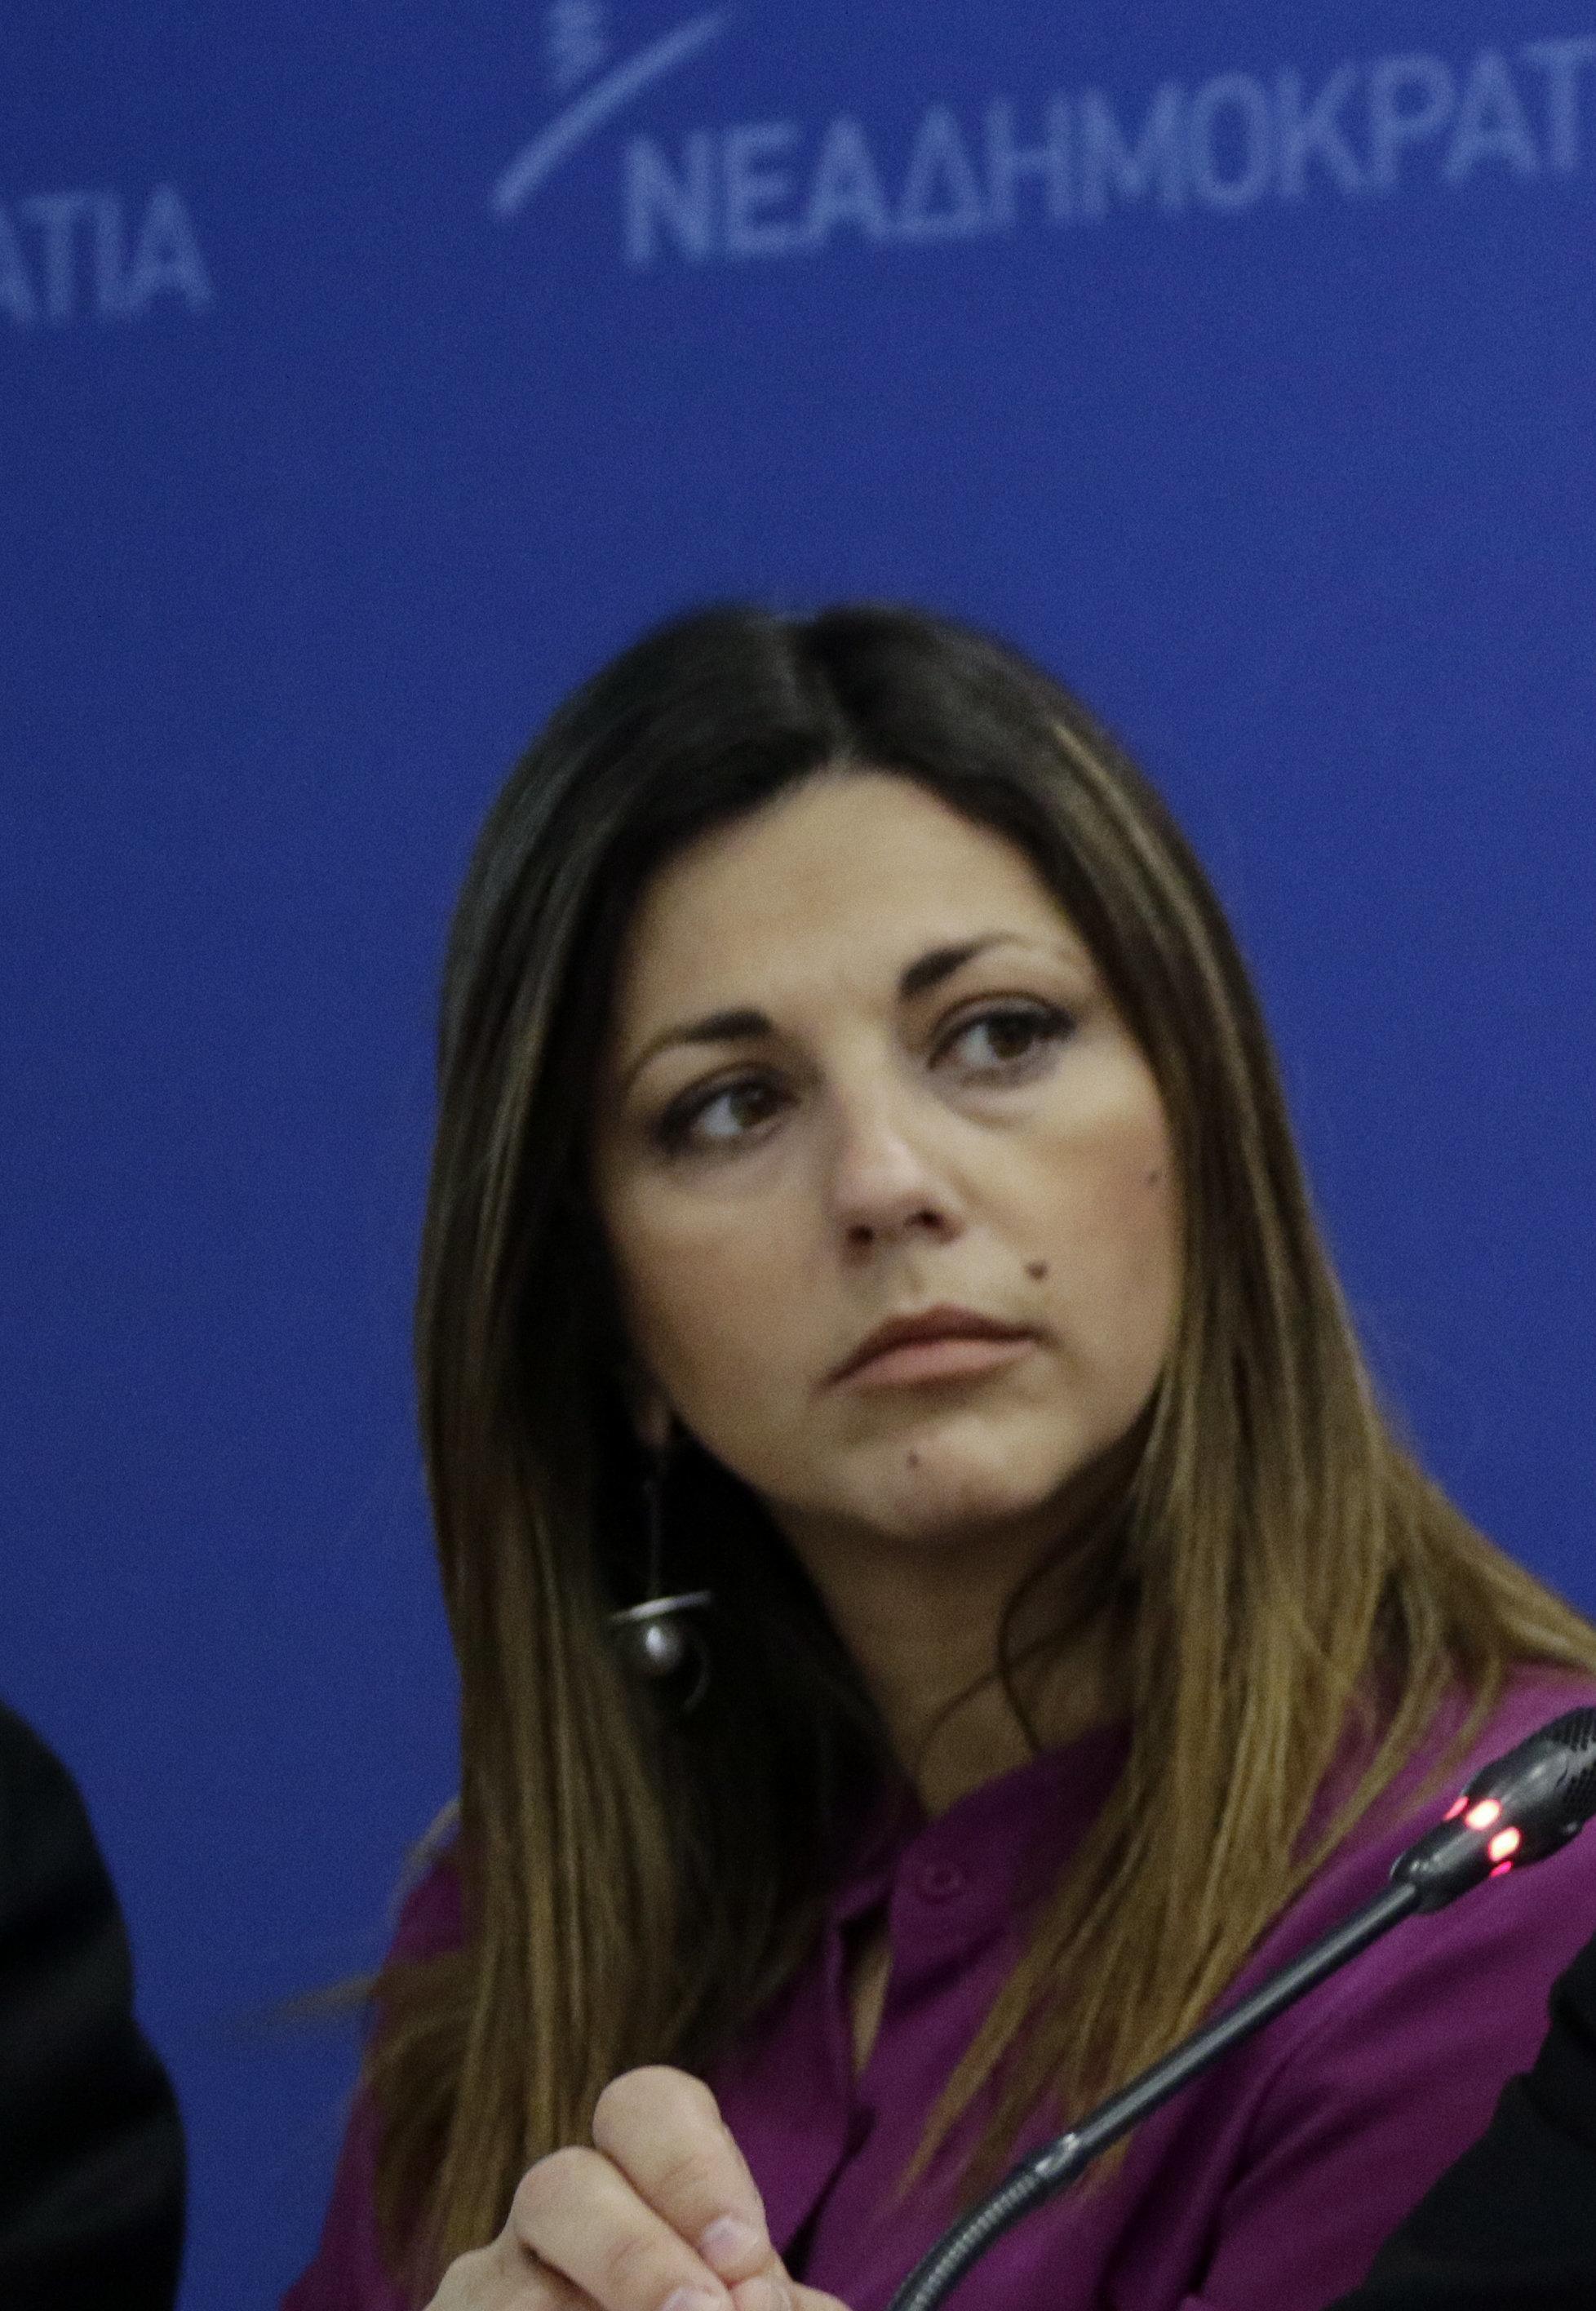 ΝΔ: Ας δώσει εντολή ο Τσίπρας να συλλάβουν τη Σοφία Ζαχαράκη. Απάντηση Γεροβασίλη